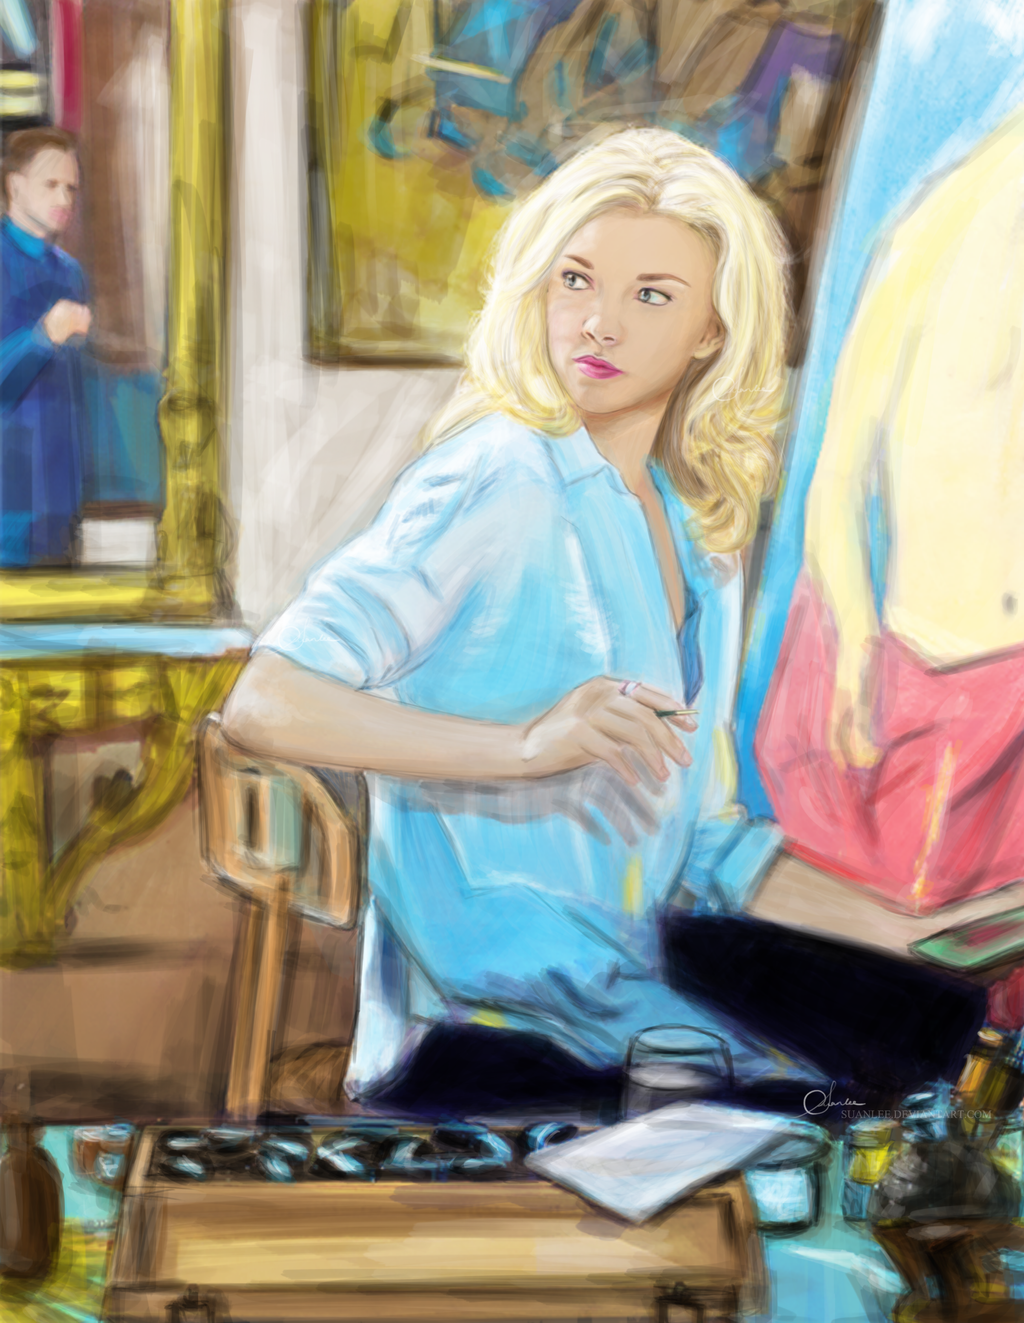 Irene Adler - Elementary by suanlee